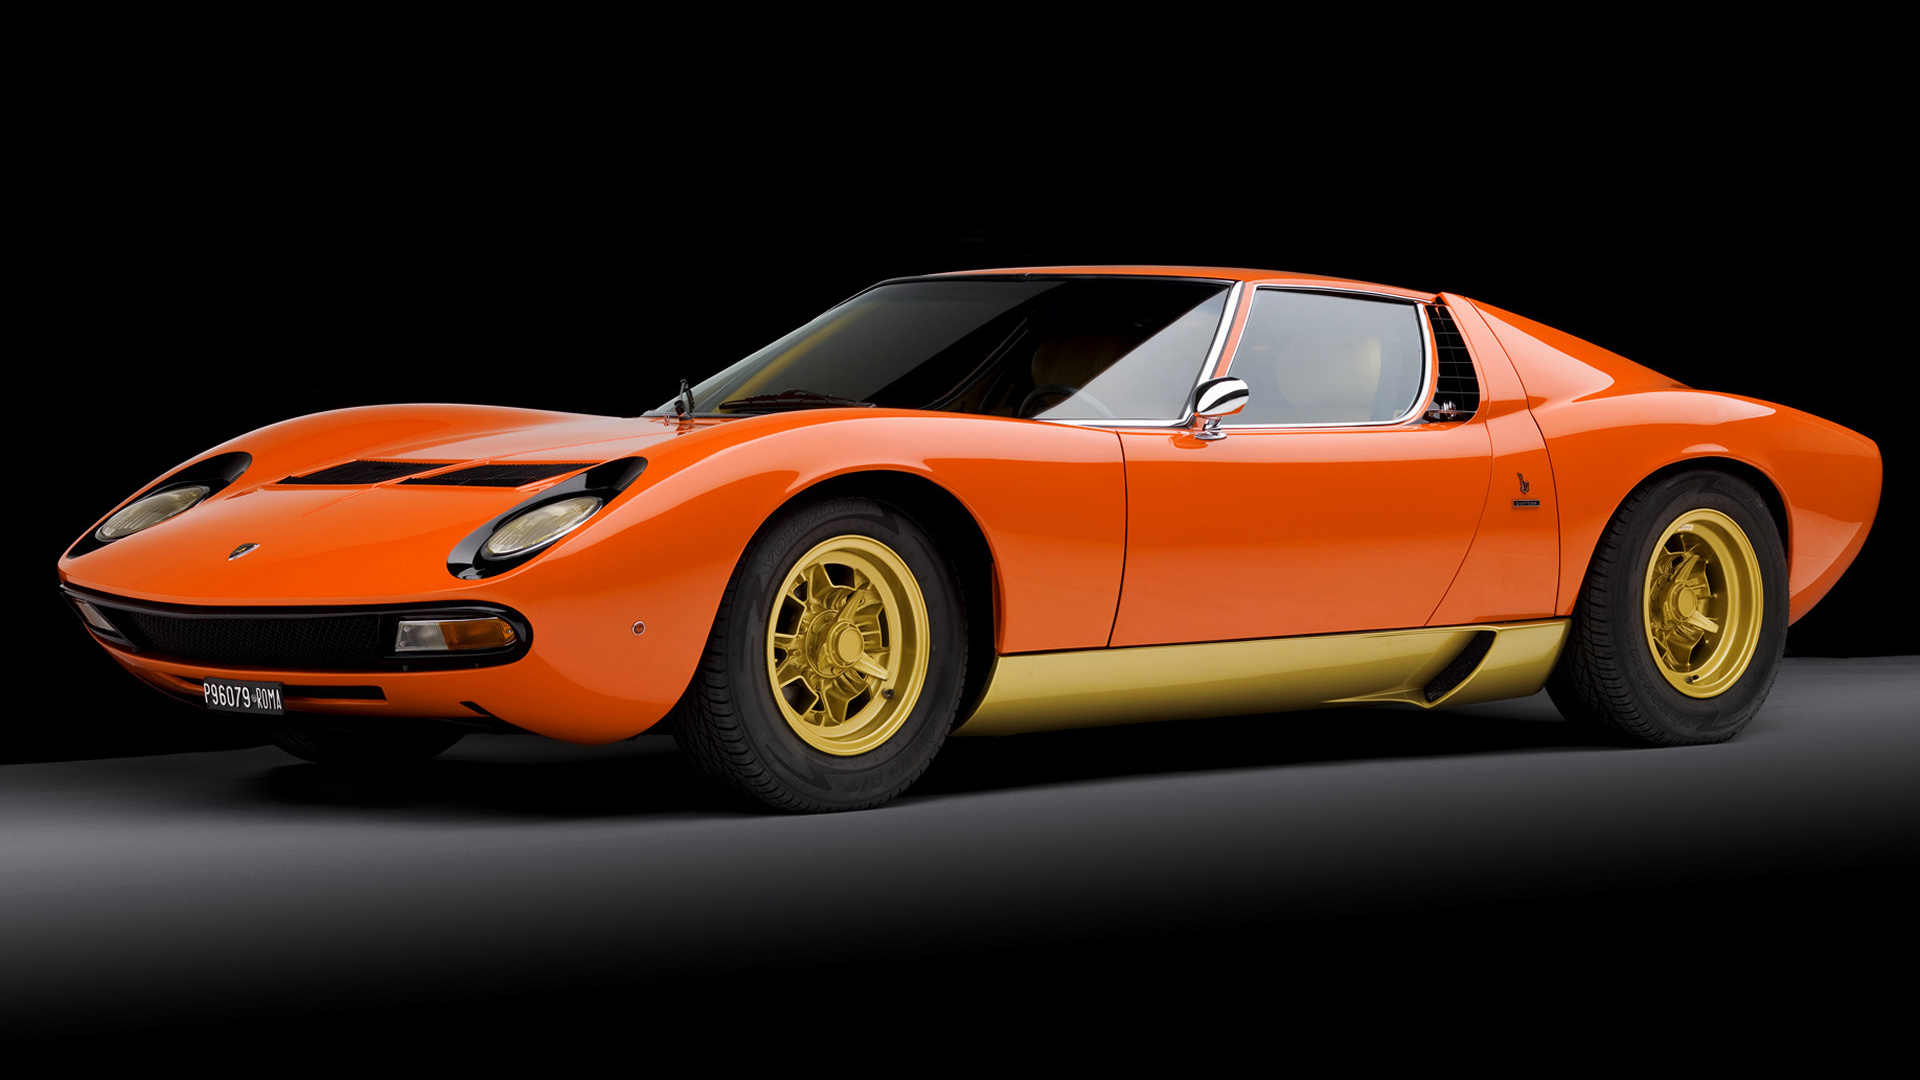 1971 Lamborghini Miura Sv Wallpapers And Hd Images Car Pixel